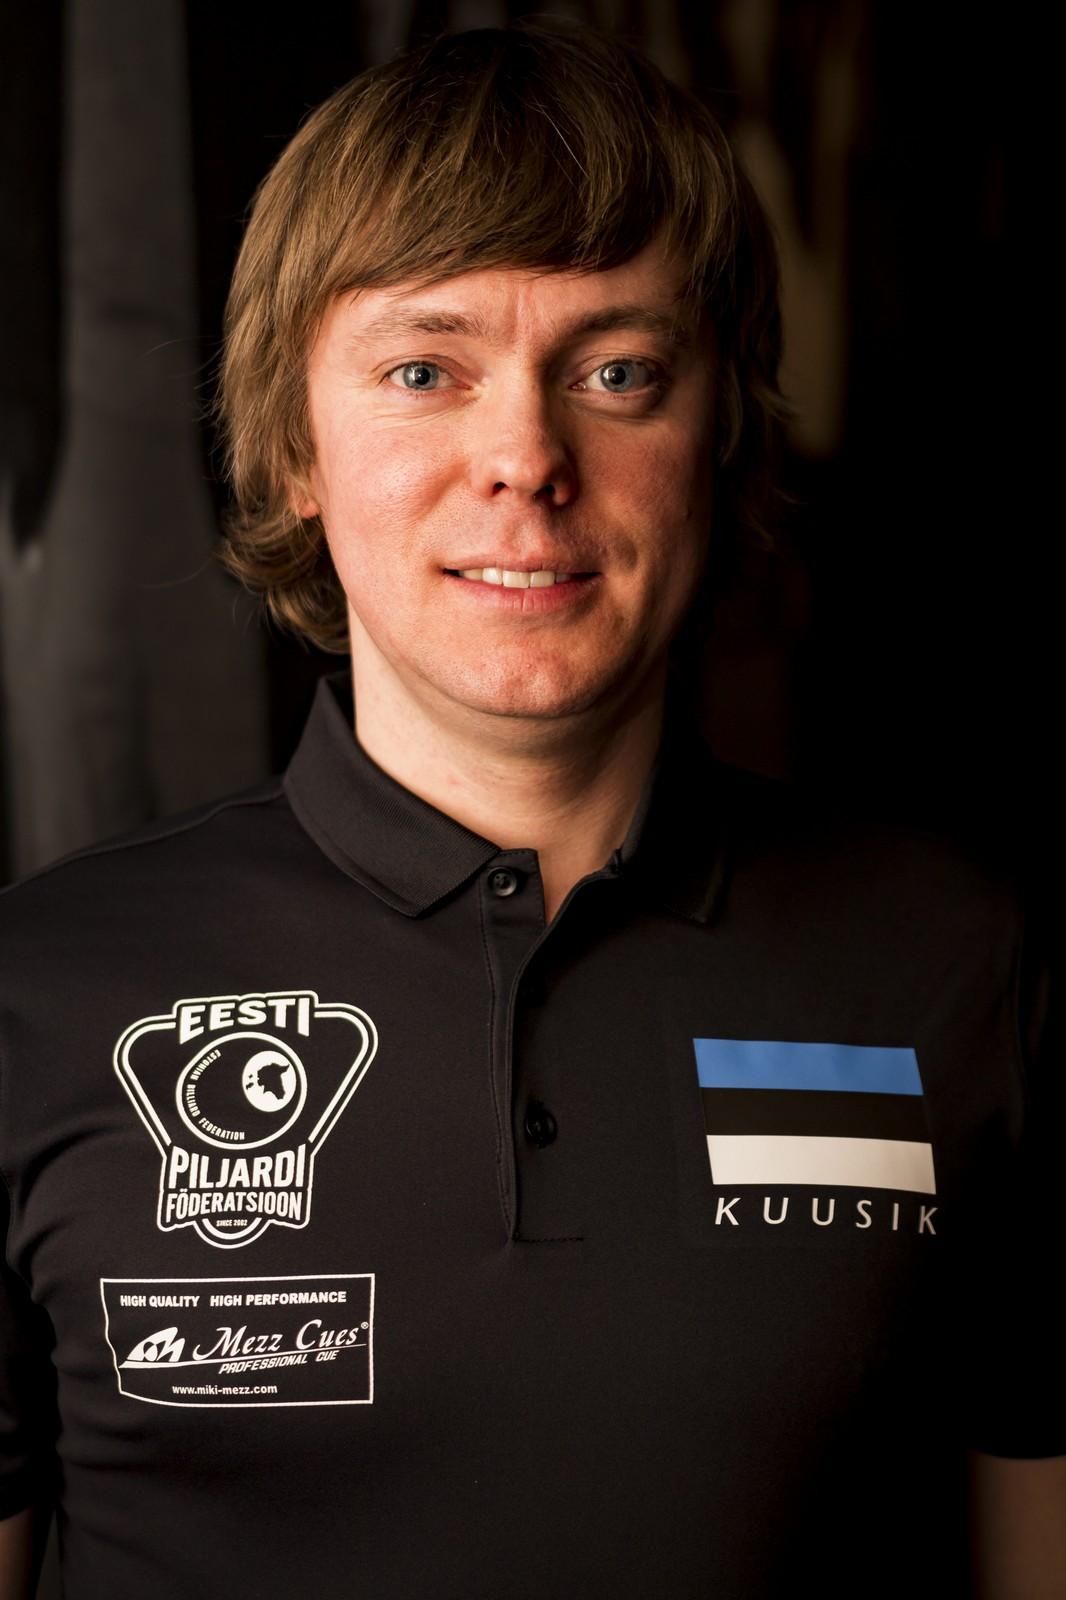 Kristjan Kuusik - Piljarditreener